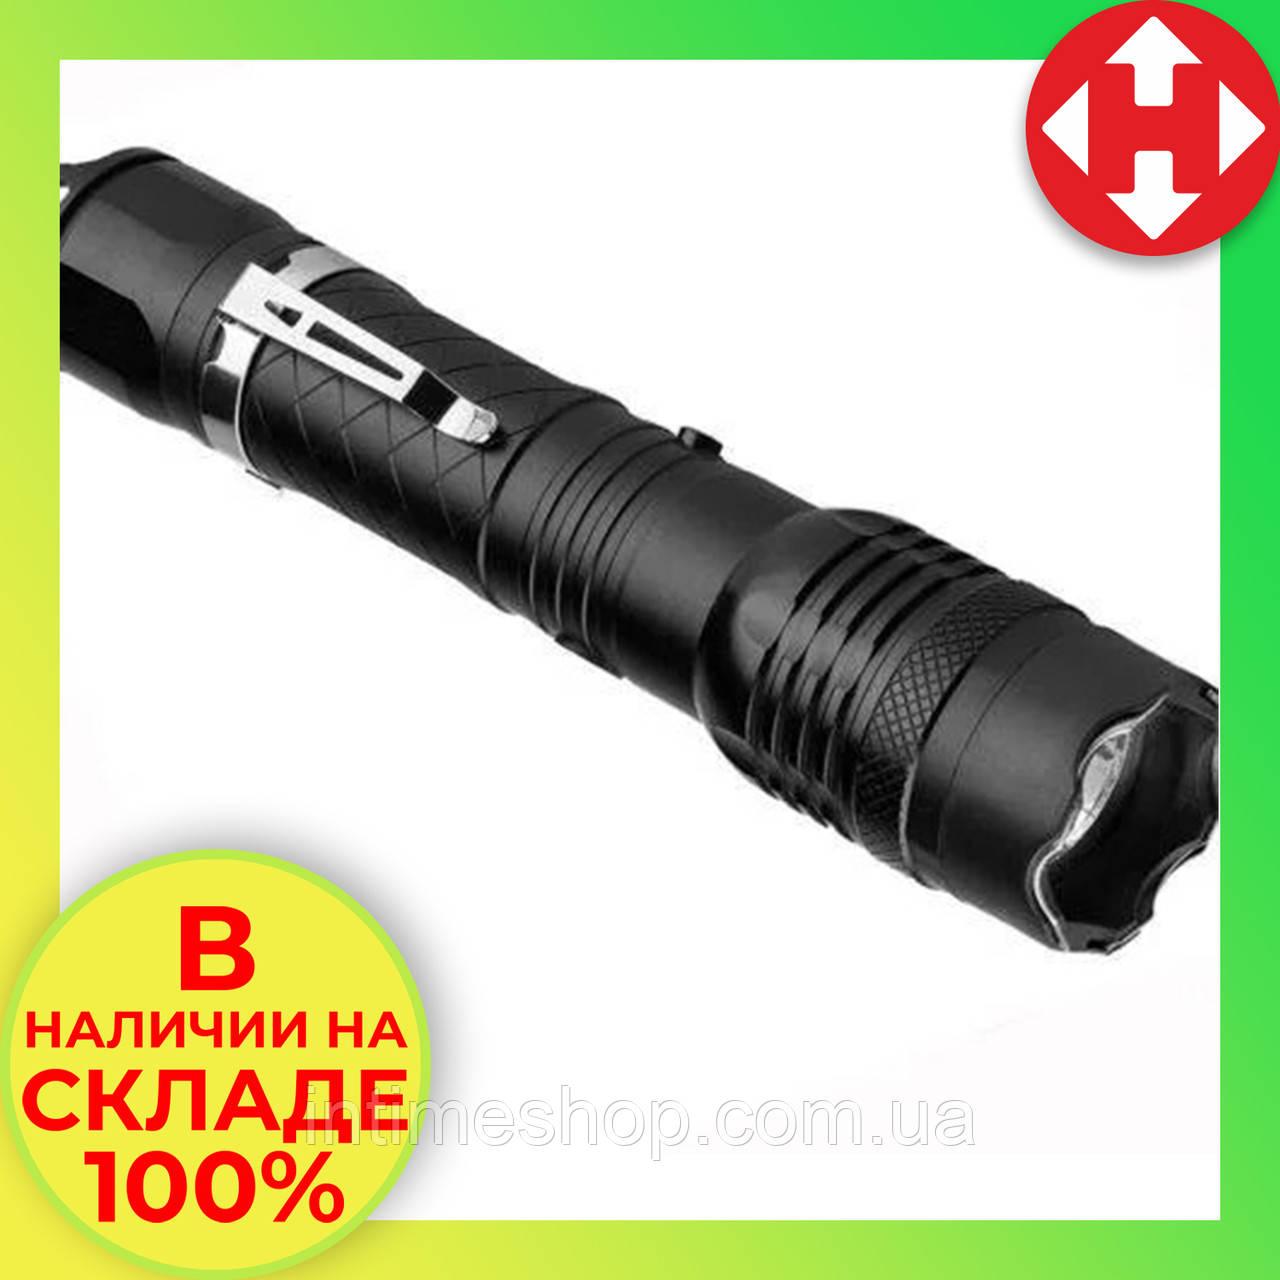 Фонарь ручной аккумуляторный светодиодный LED Flashlight BL-1158 для самозащиты полицейский